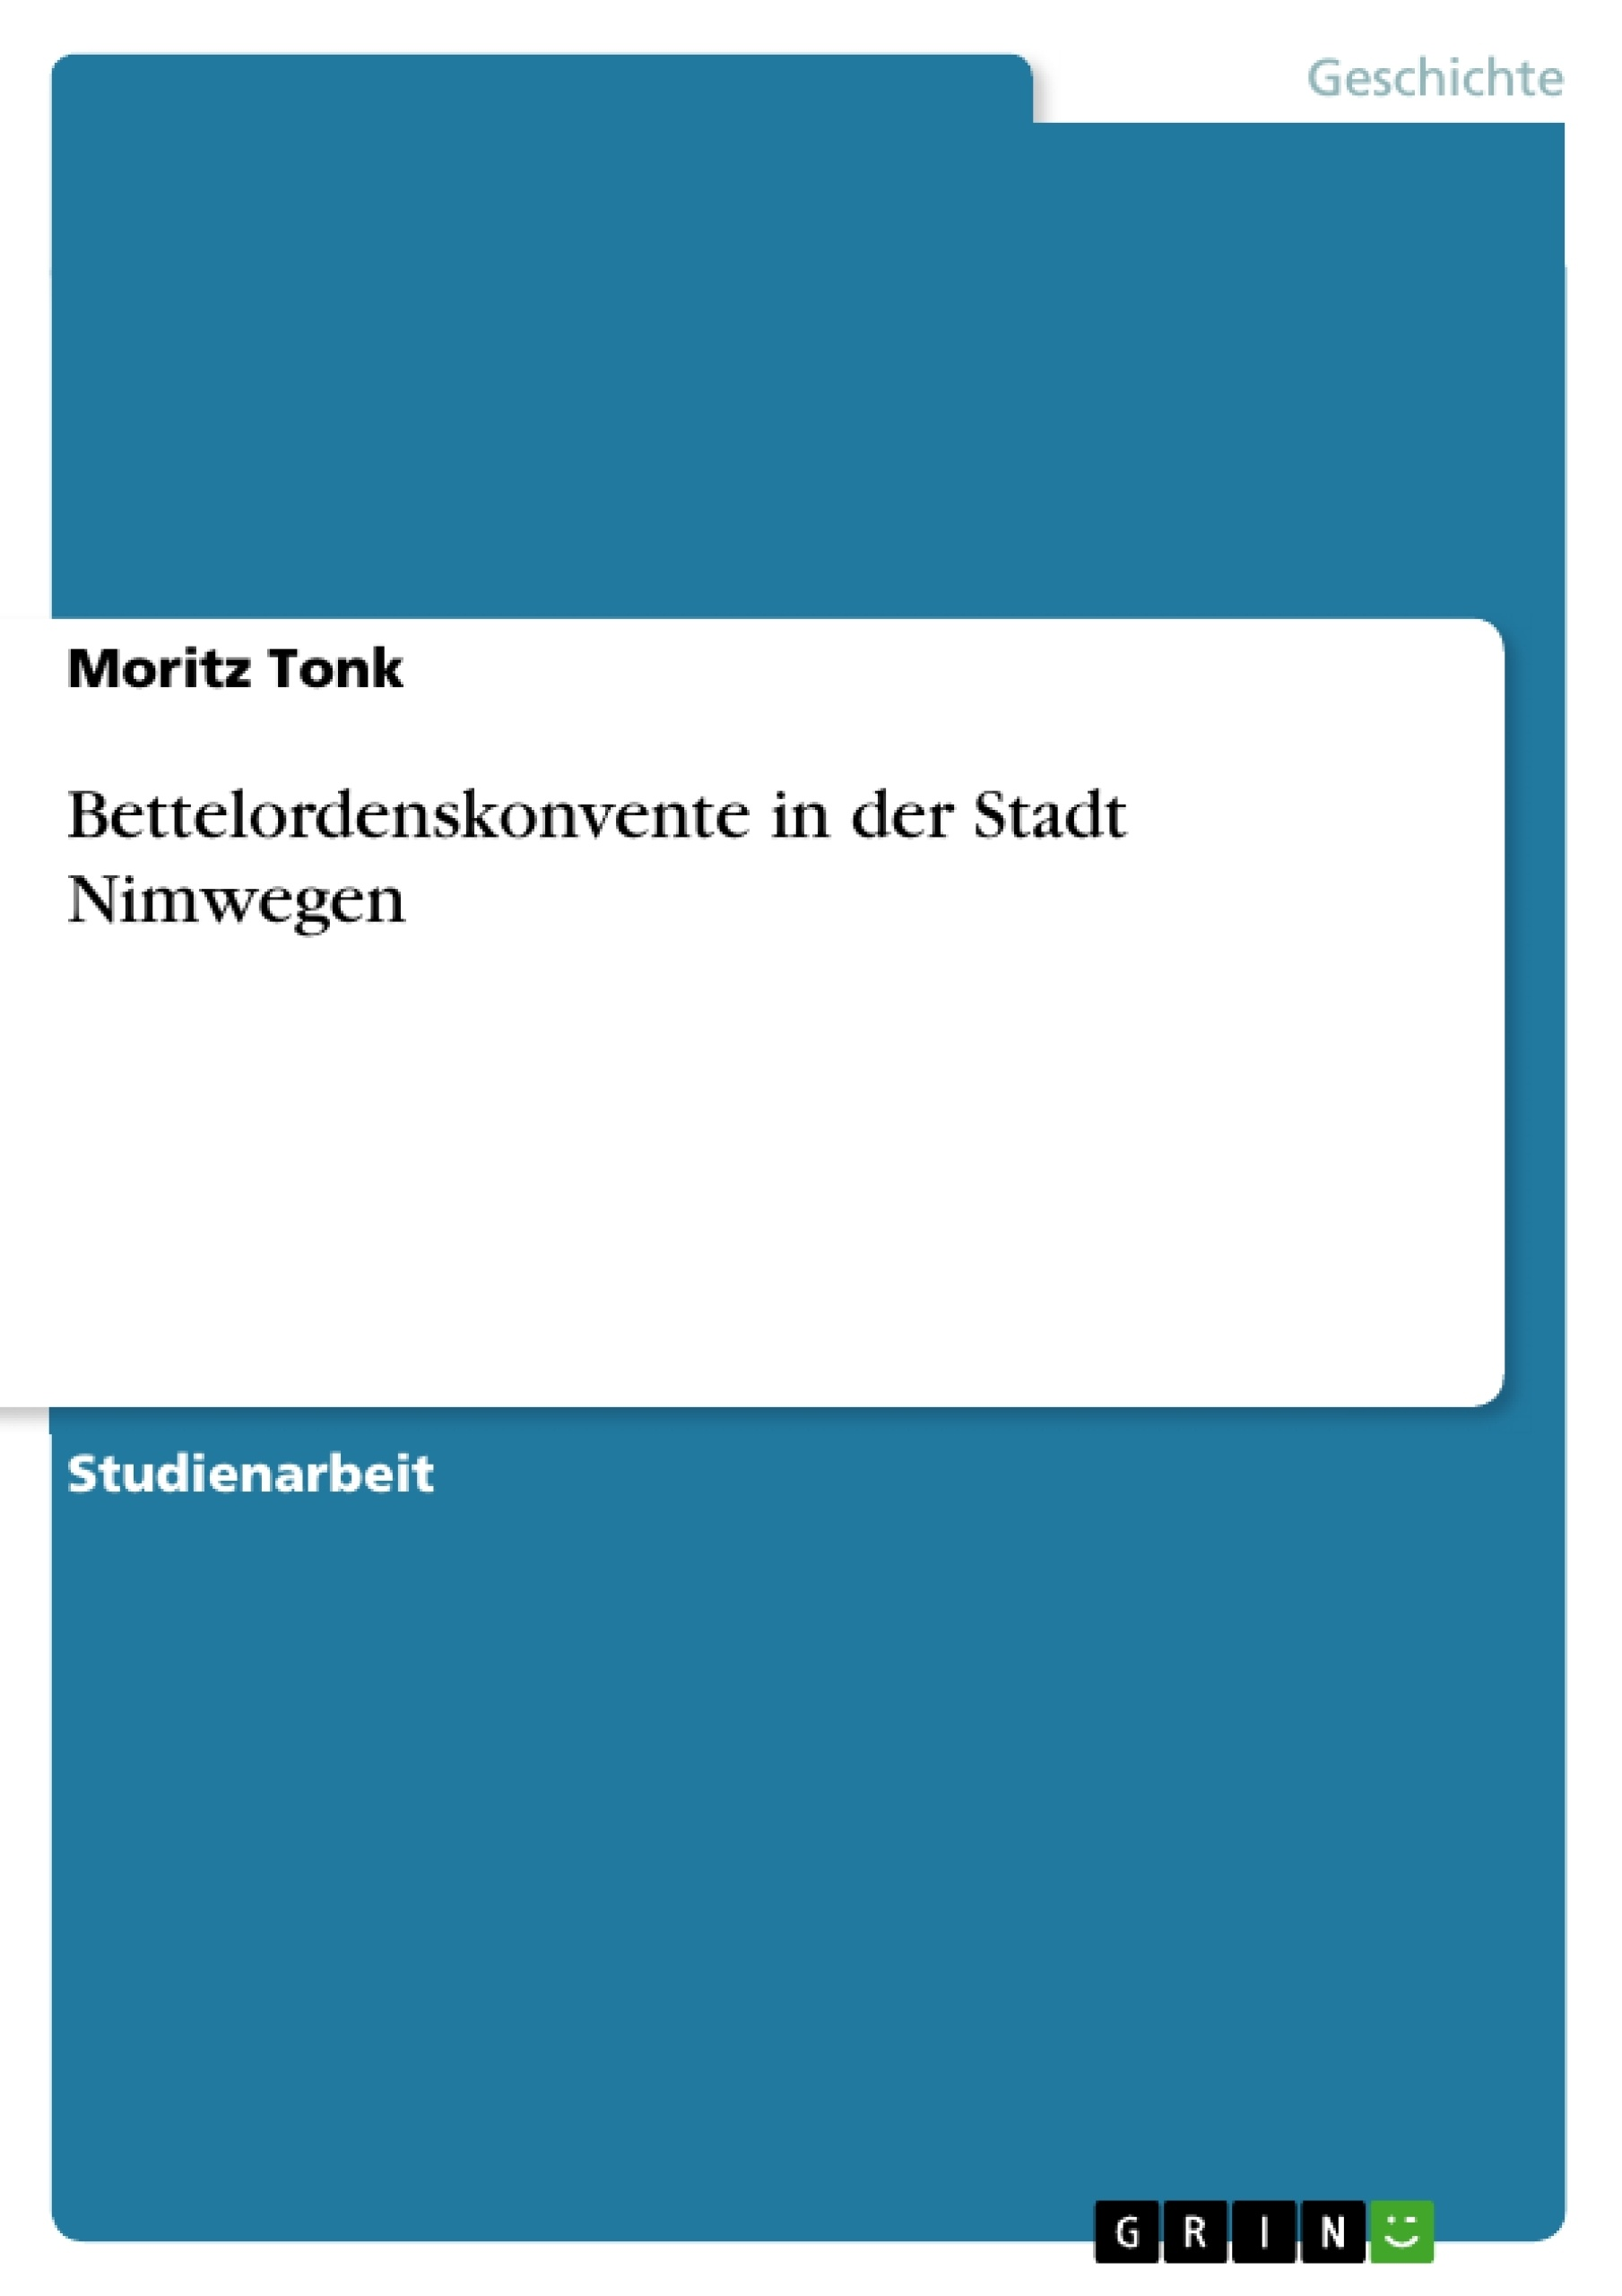 Titel: Bettelordenskonvente in der Stadt Nimwegen